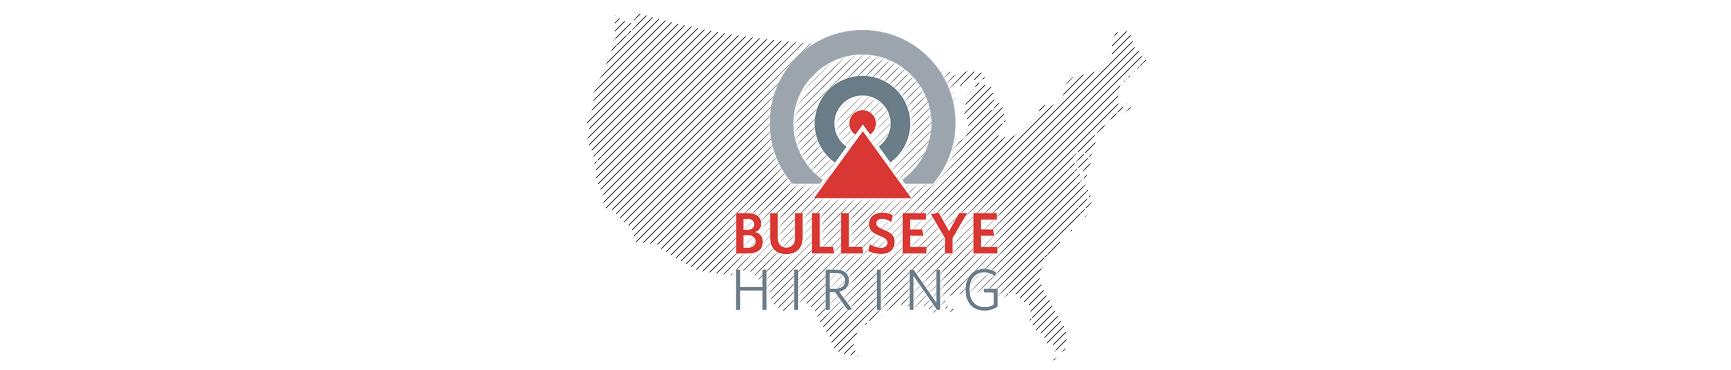 Bullseye Hiring